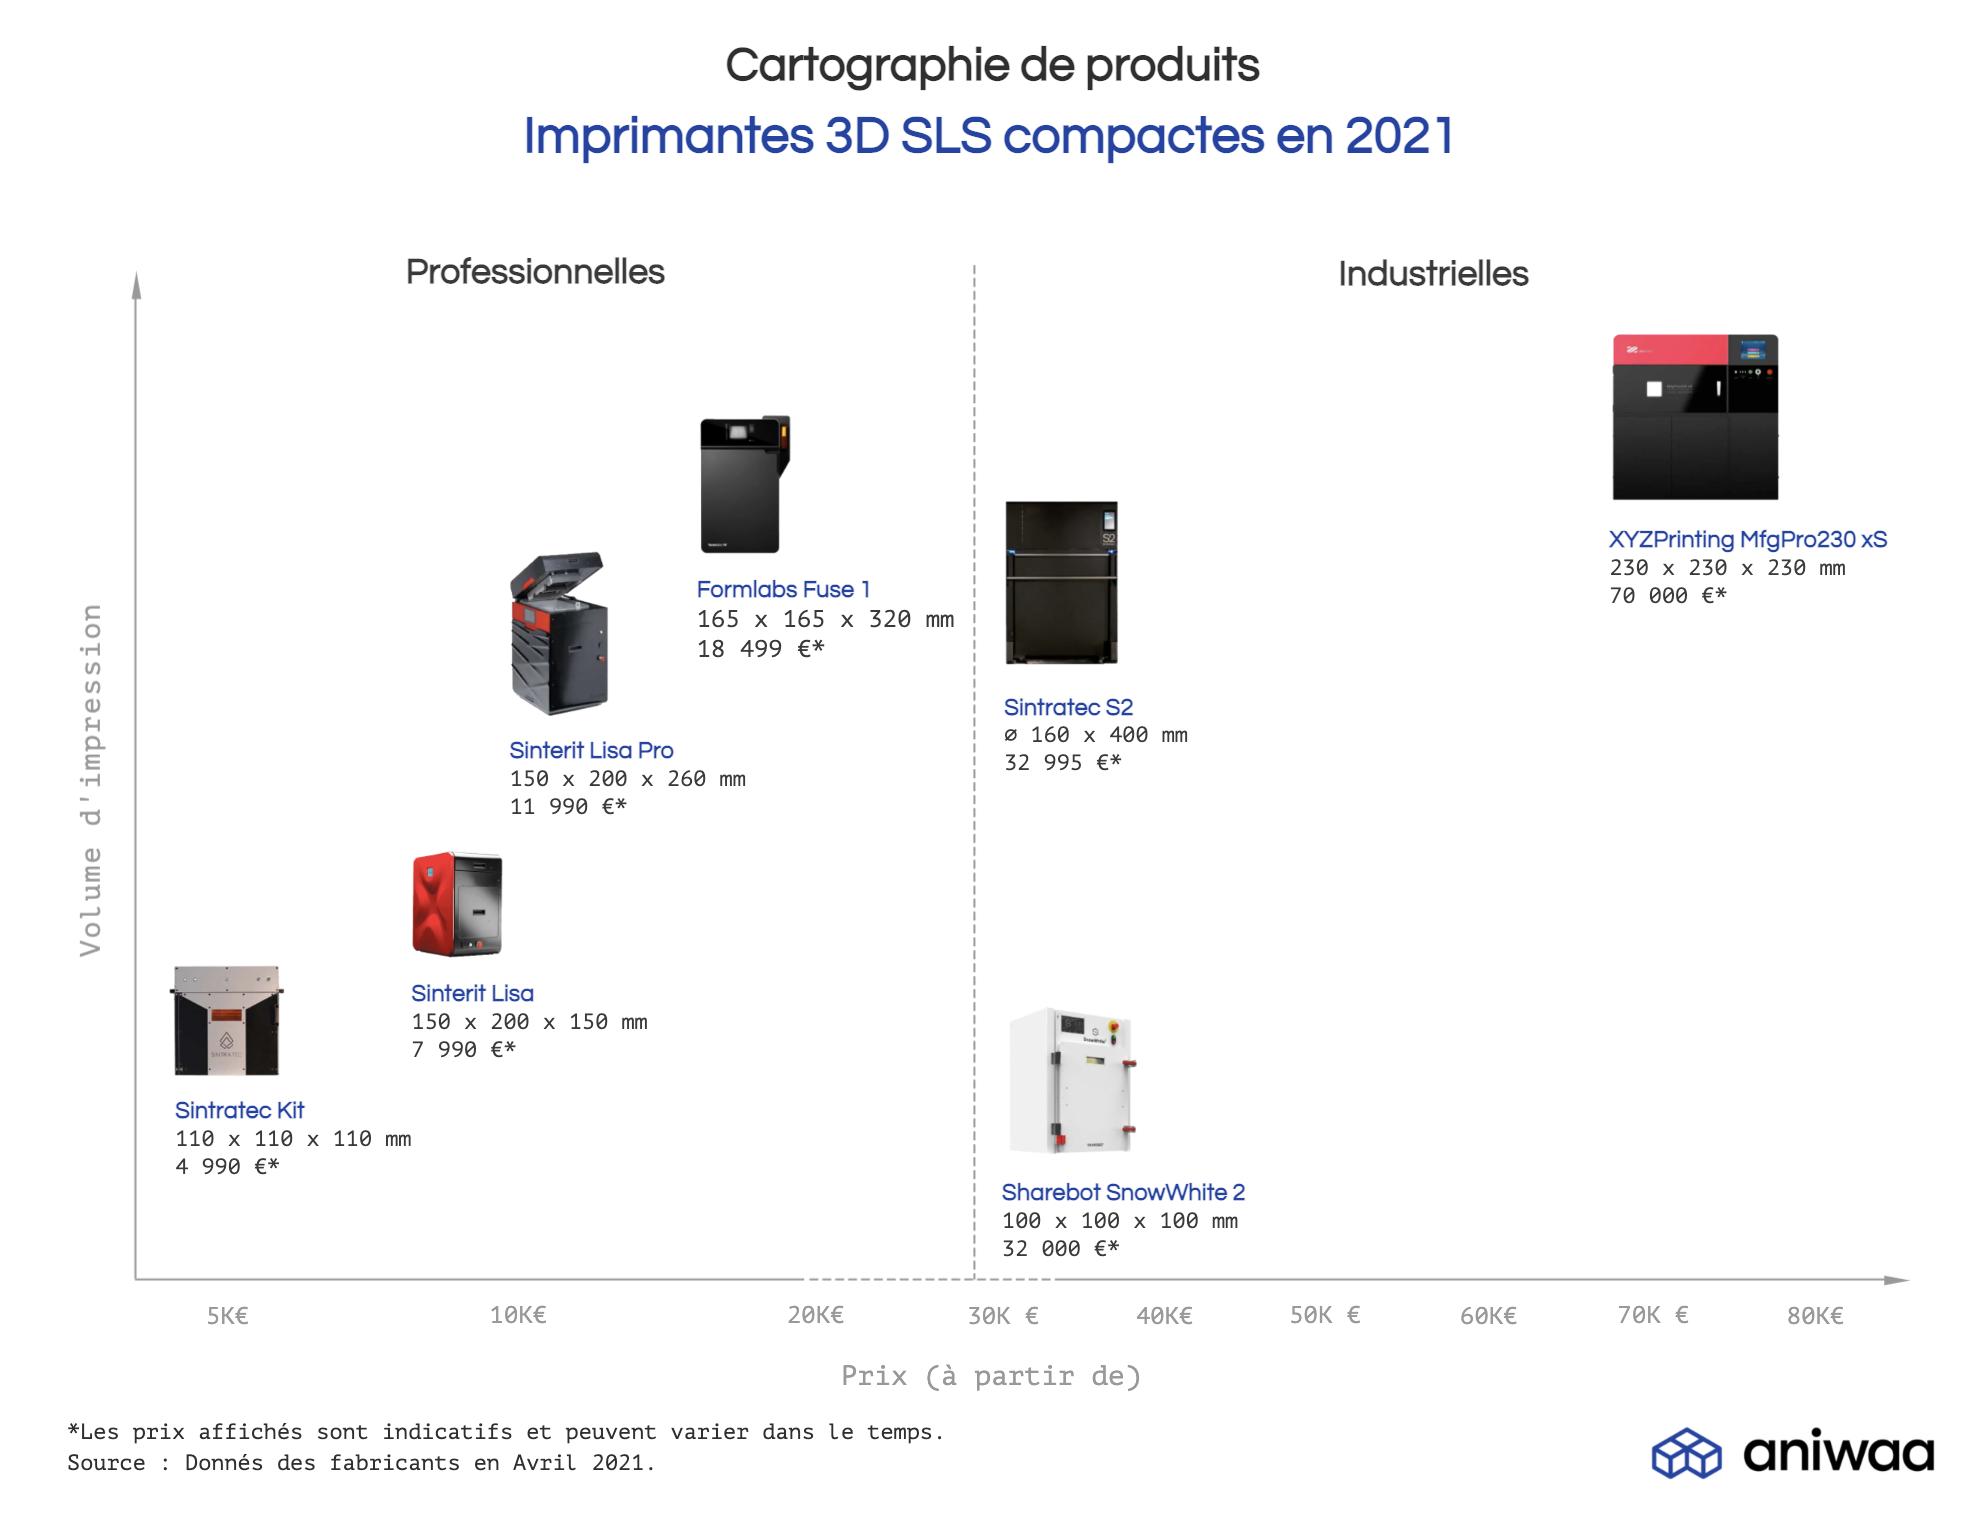 Imprimantes 3D SLS pour le bureau 2021 Aniwaa